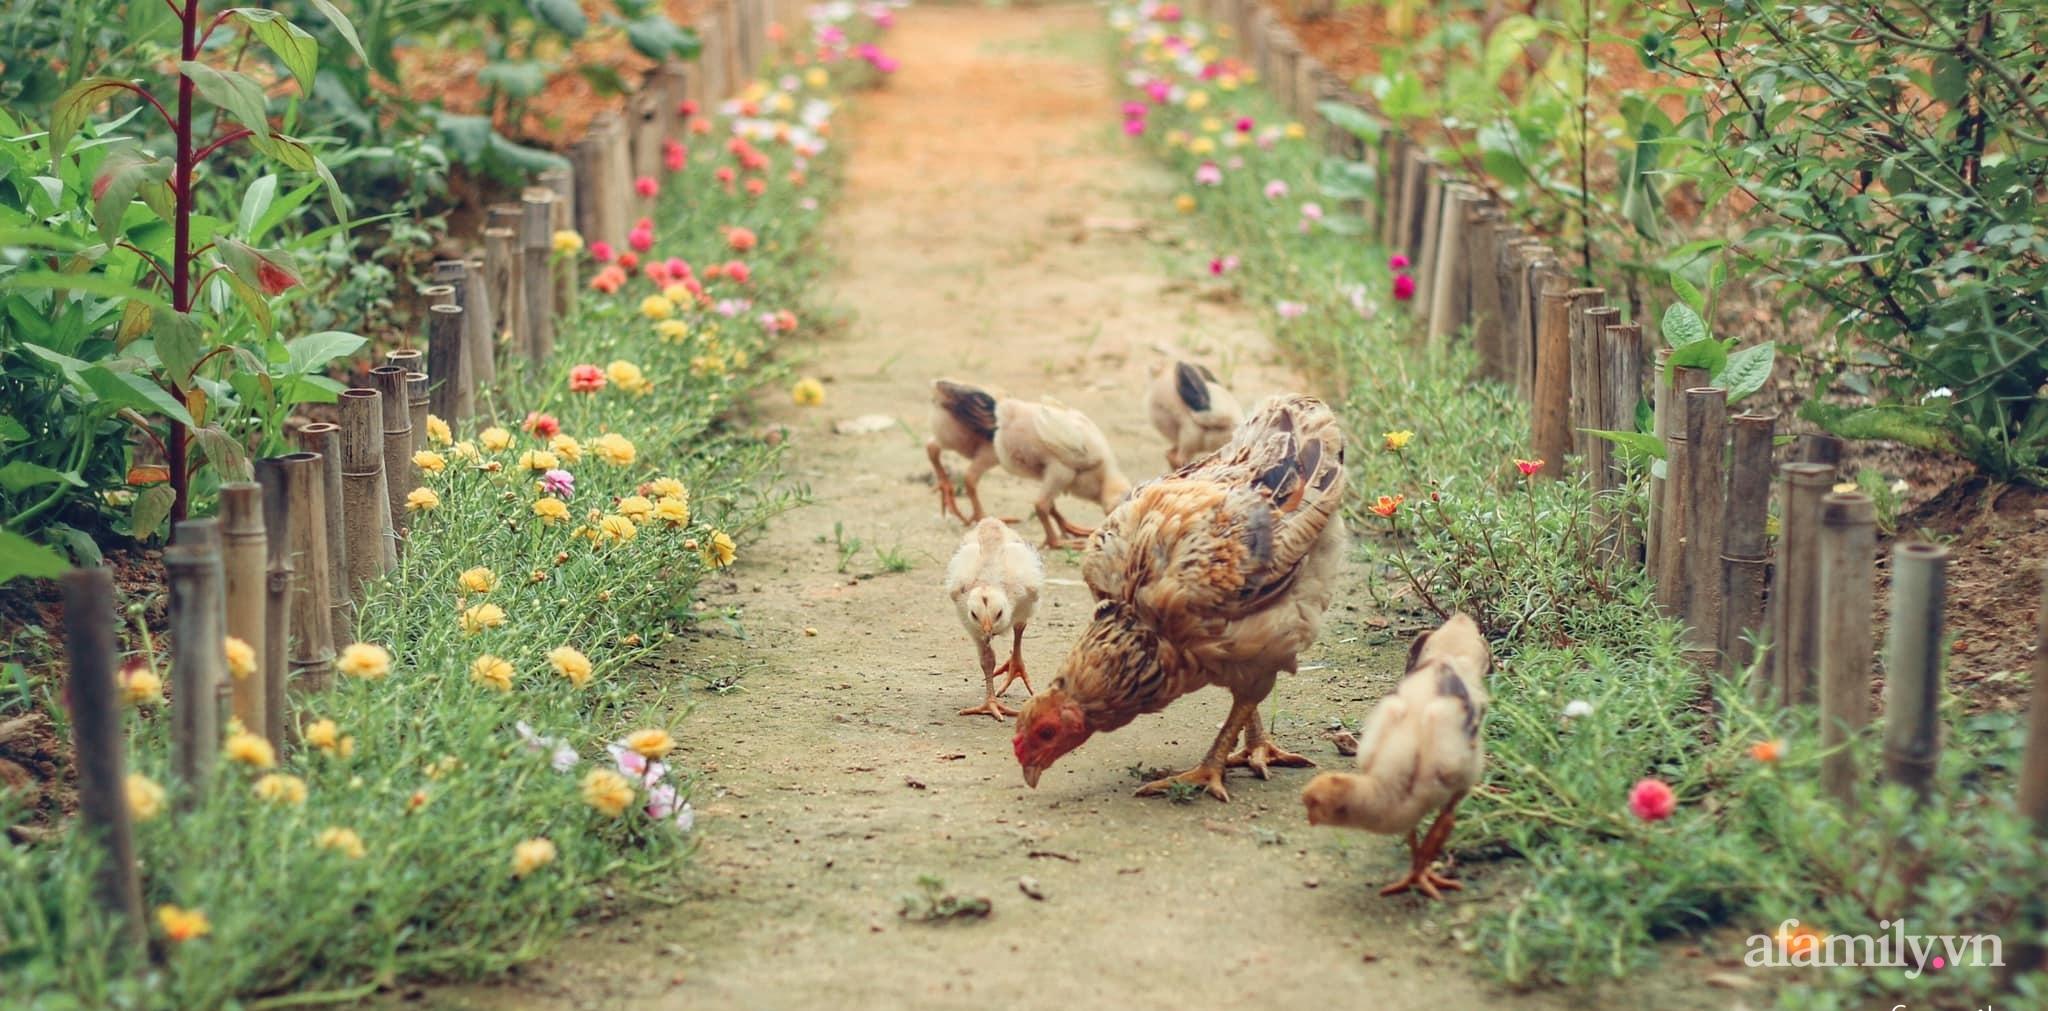 Cô gái trẻ bỏ Hà Nội phố về quê trồng rau nuôi cá, tạo không gian xanh sống cuộc đời an lành - Ảnh 1.